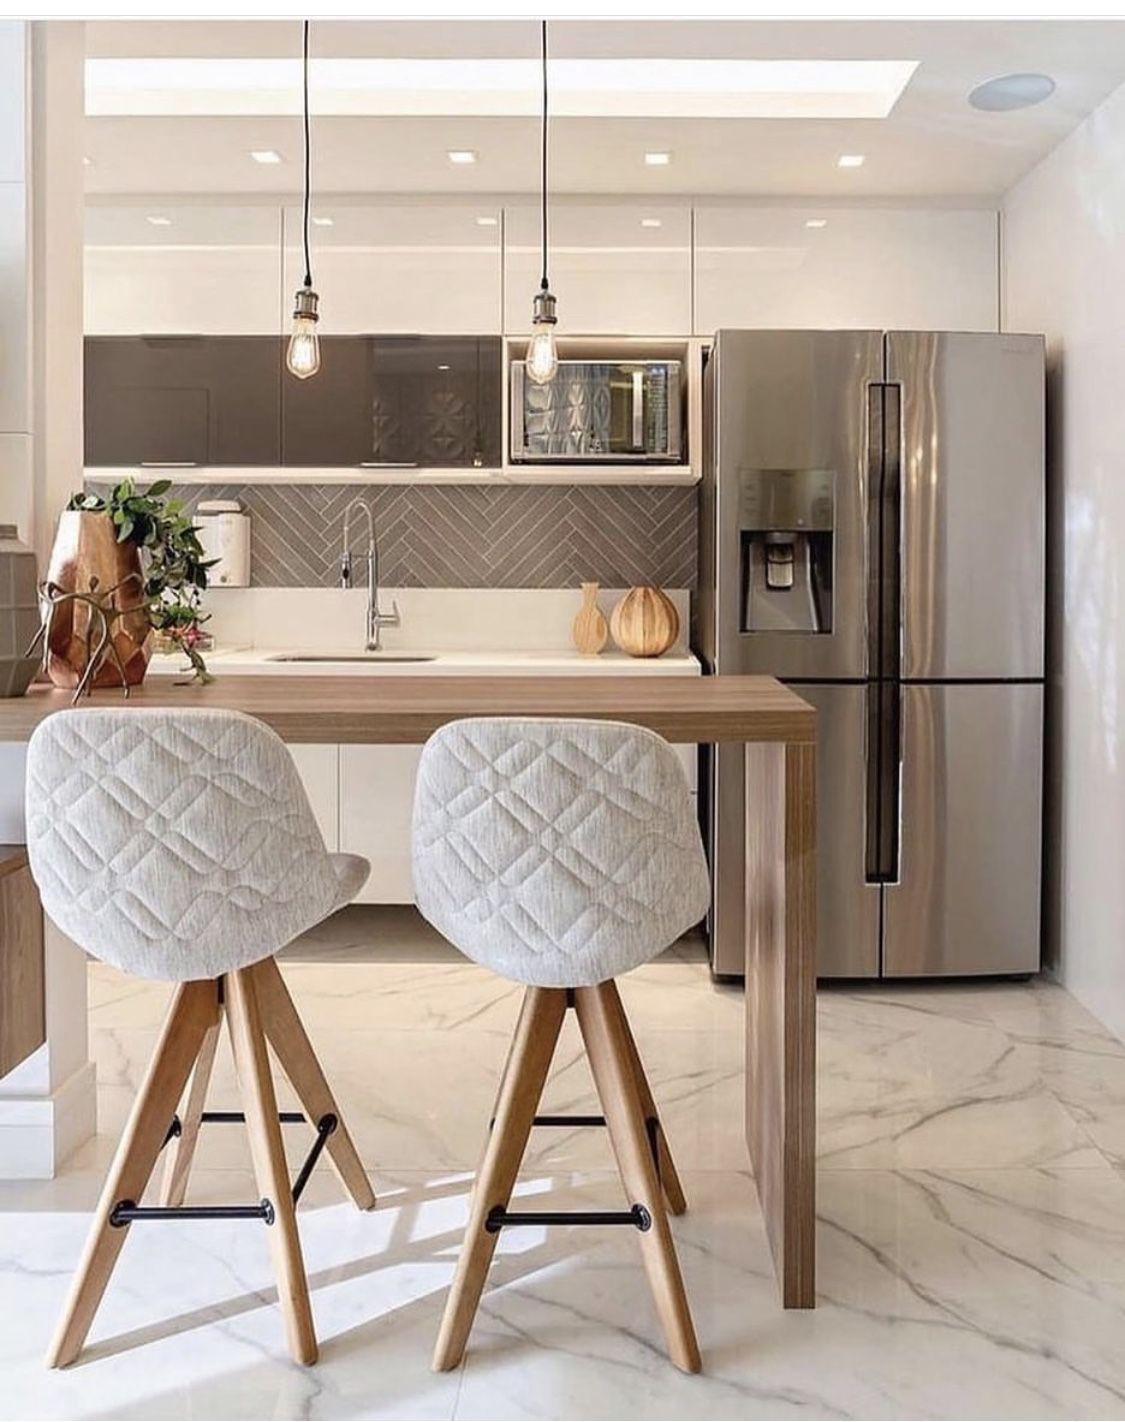 Cozinha com geladeira inverse inox